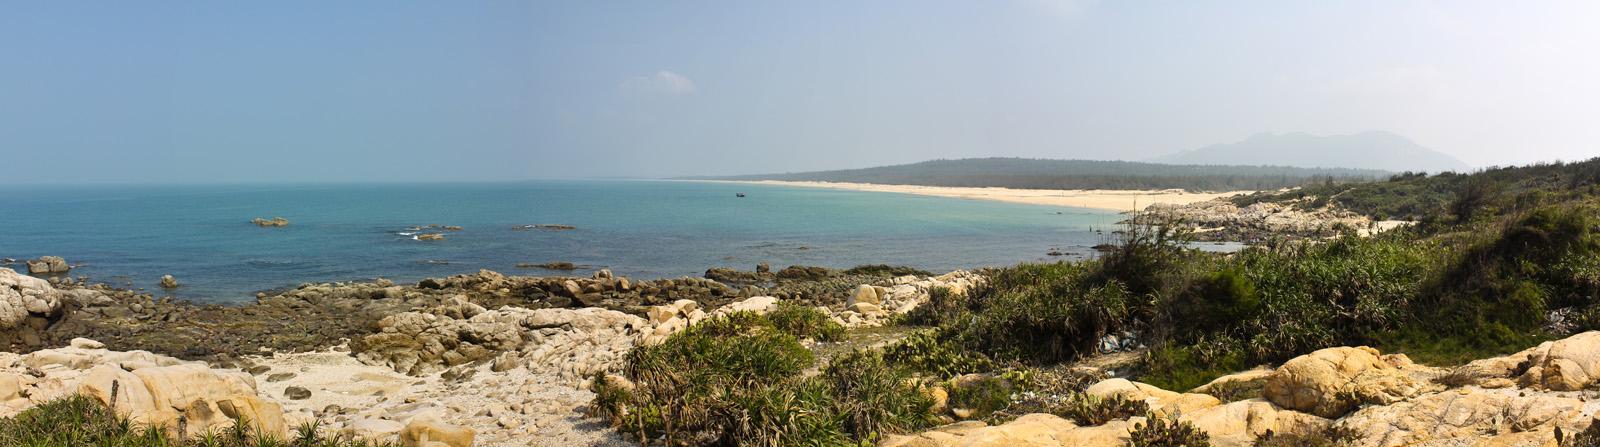 Panoramic View of Qizi Bay, Hainan Island, China